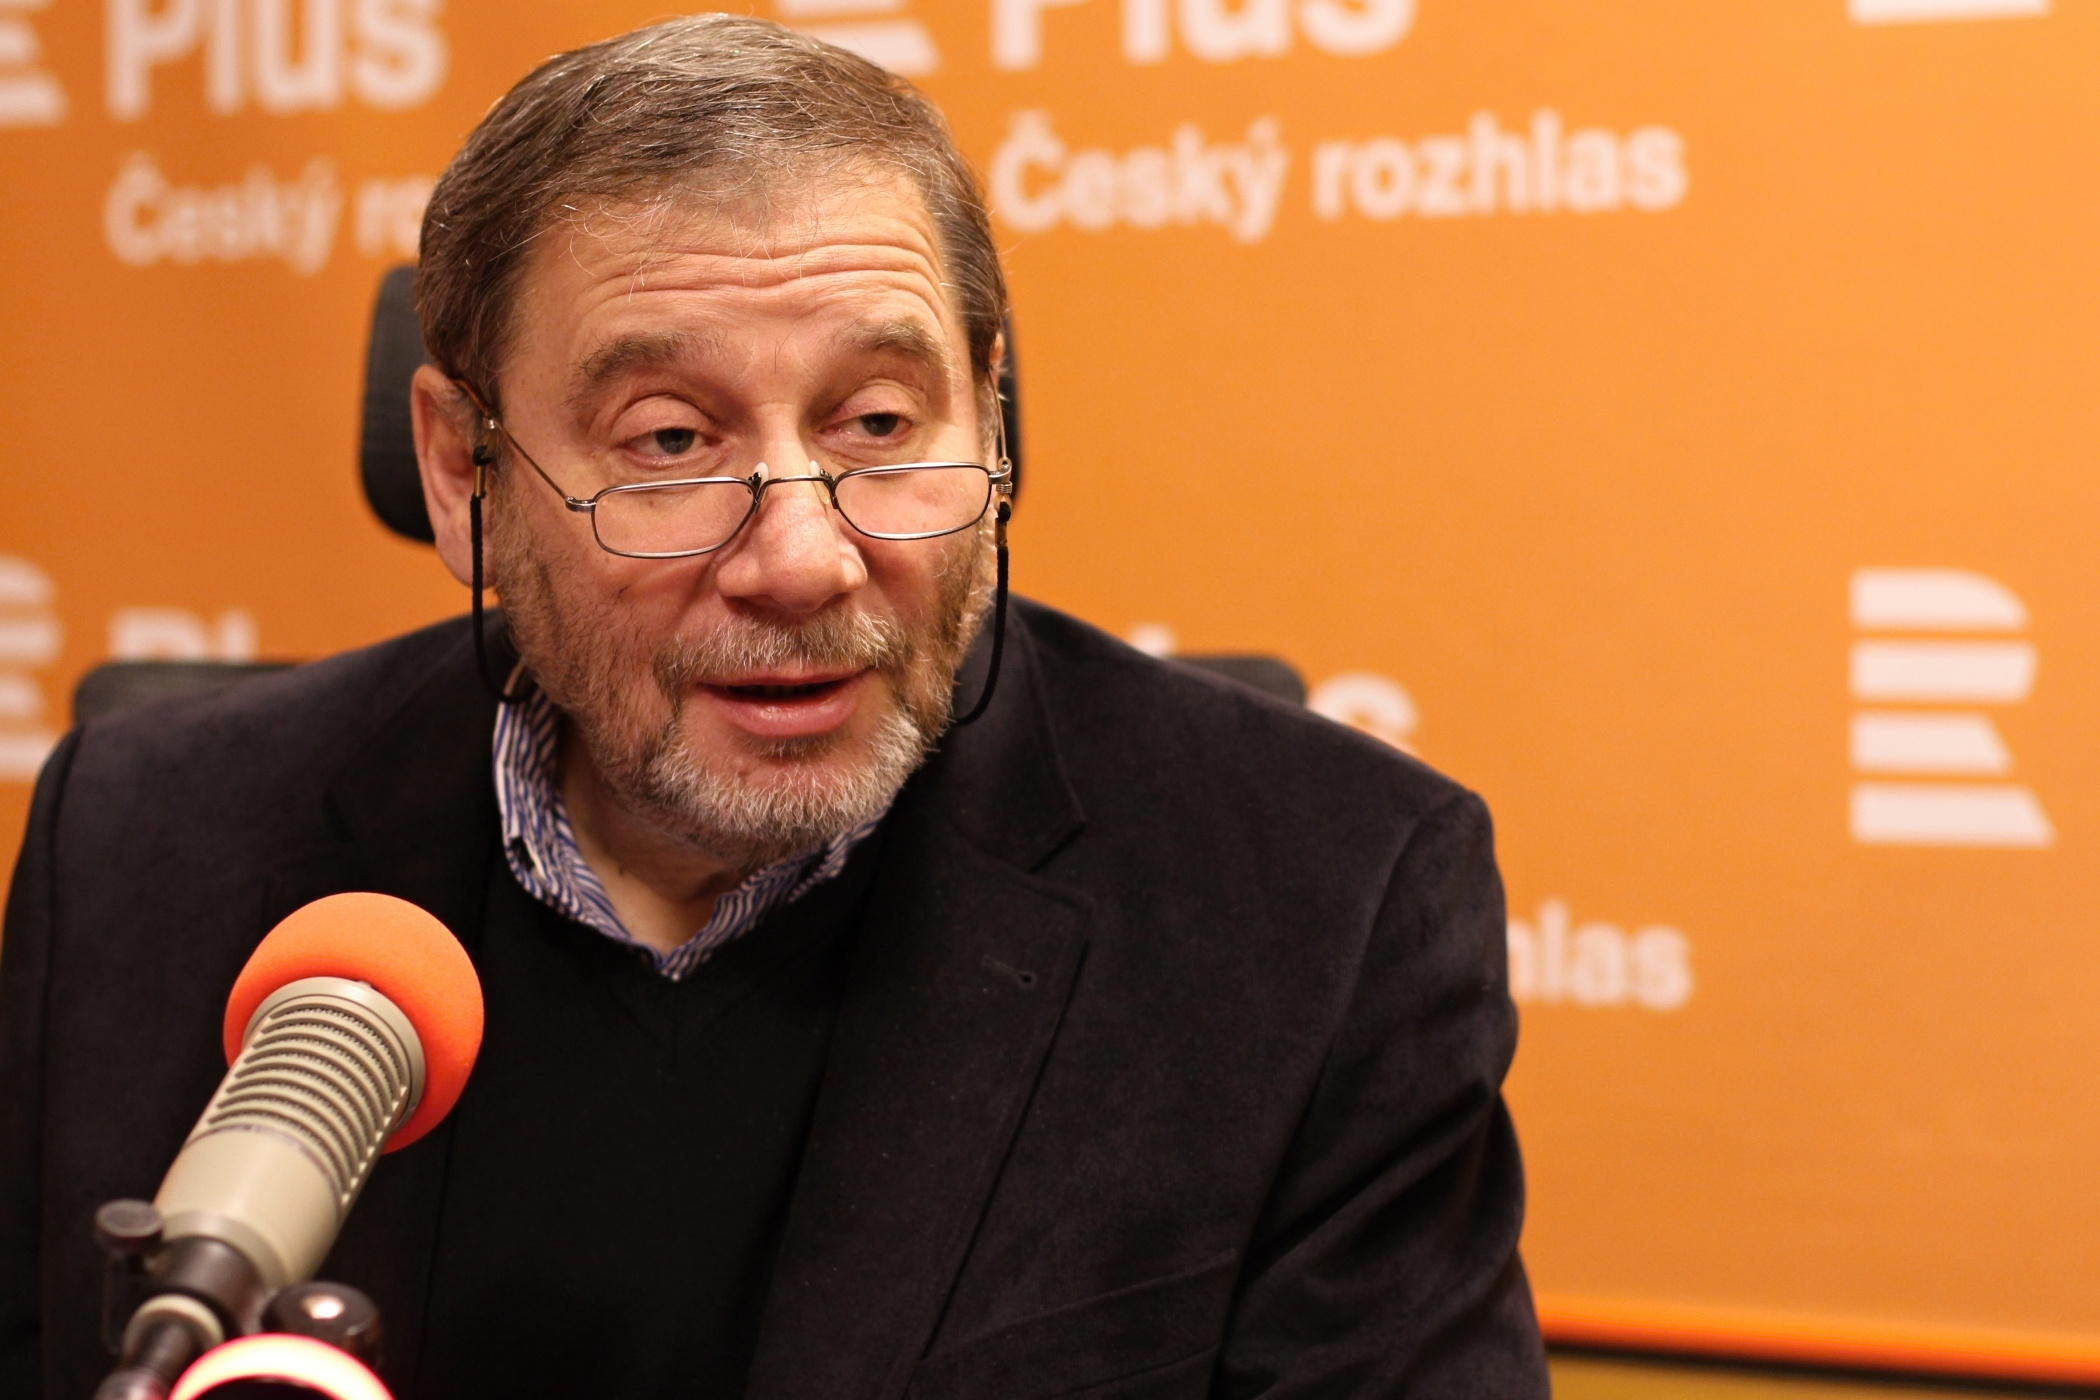 Hostem Osobnosti Plus byl Tomáš Töpfer